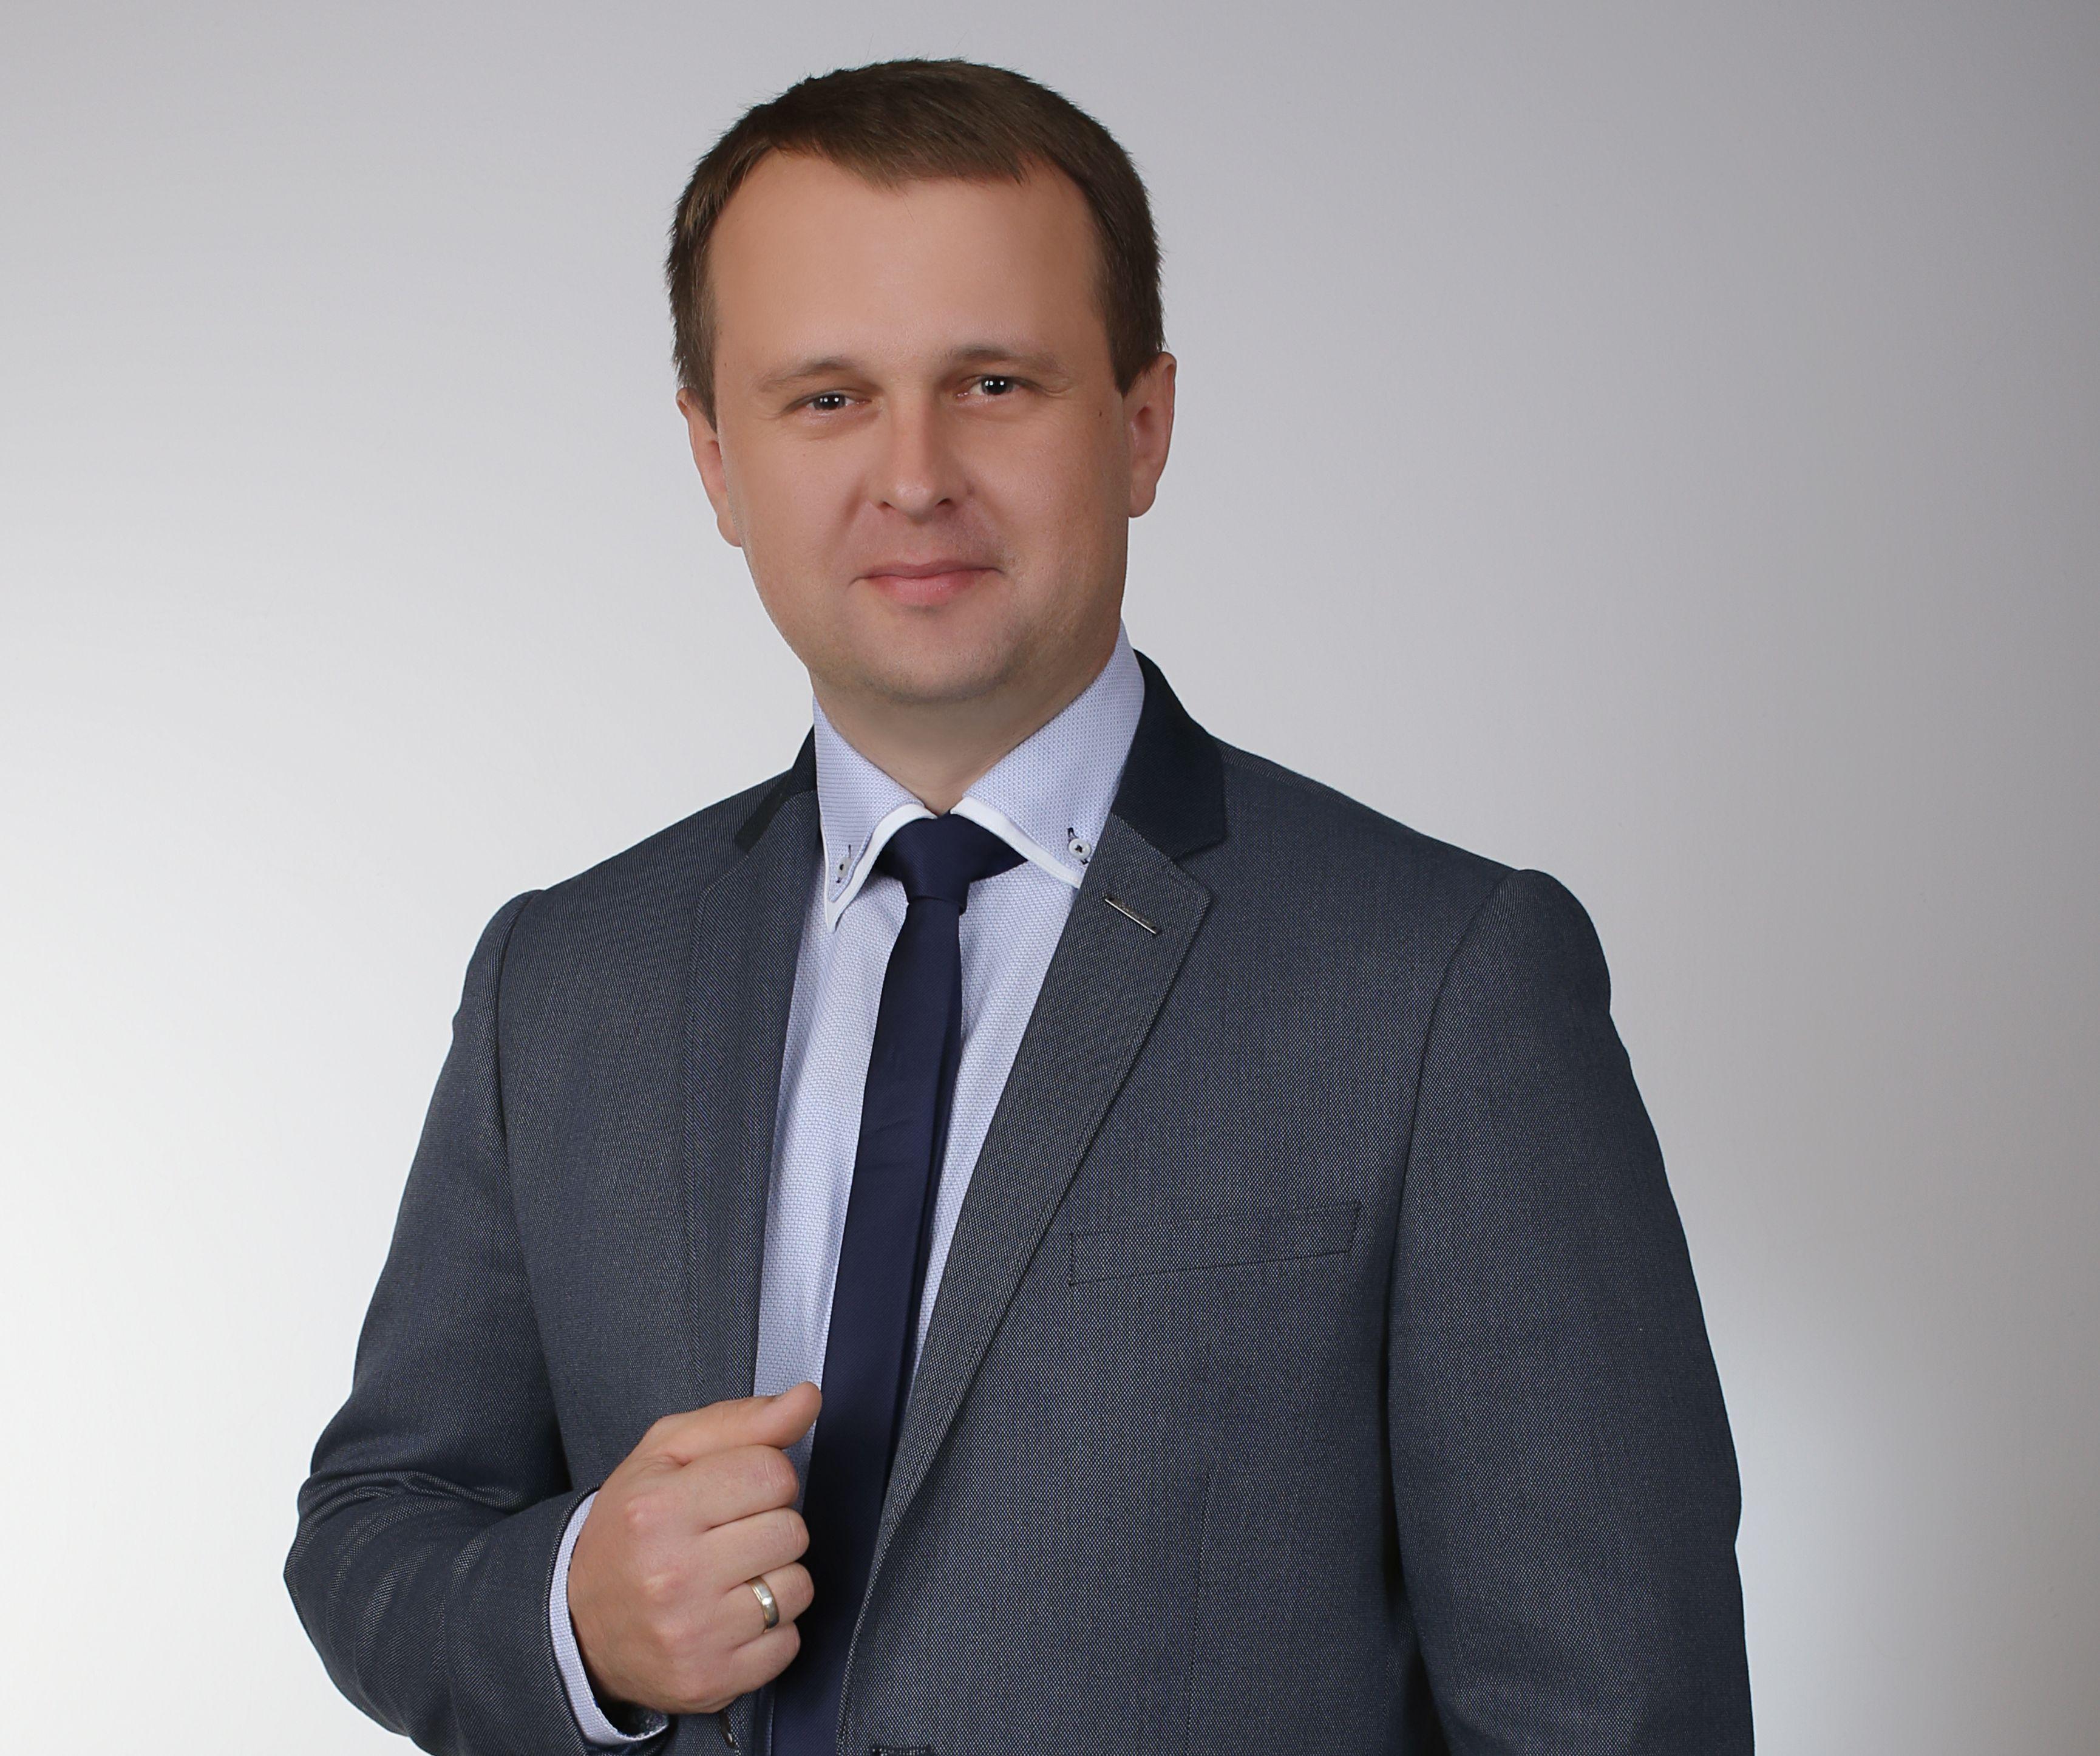 Nowy burmistrz Lubienia Kujawskiego zarobi dużo mniej niż poprzednik